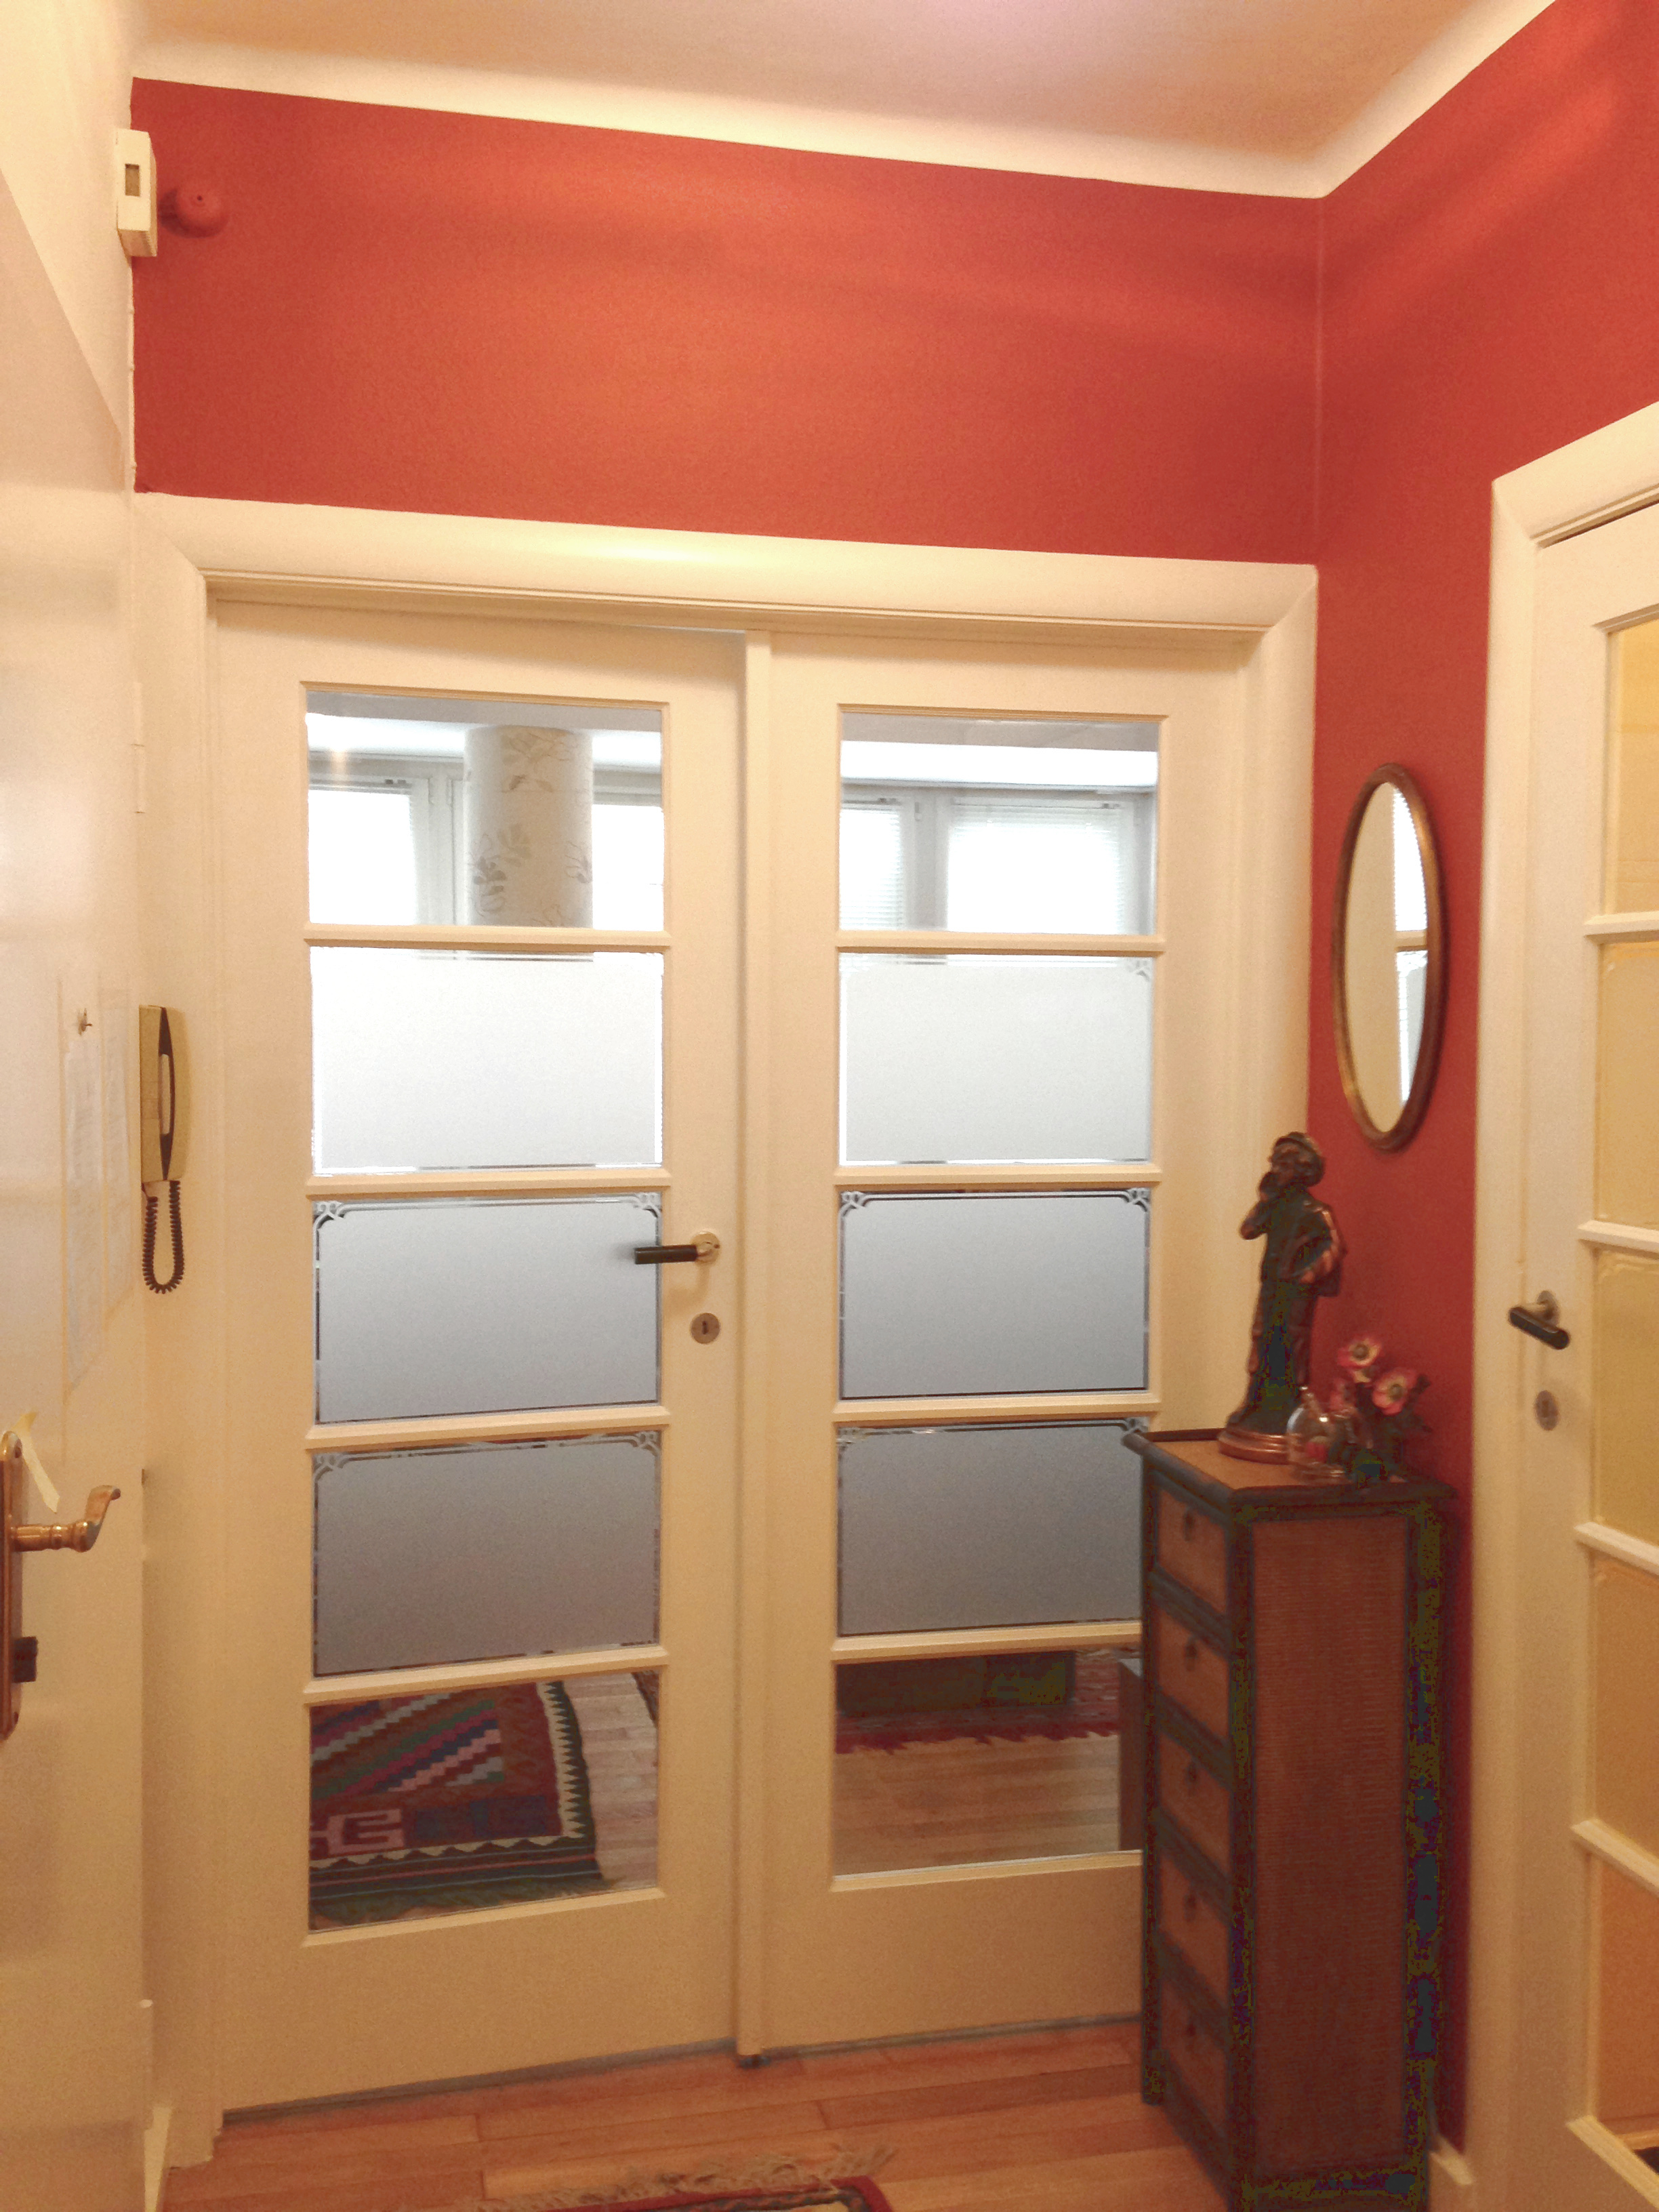 couleur couloir appartement - 28 images - couleur couloir ...